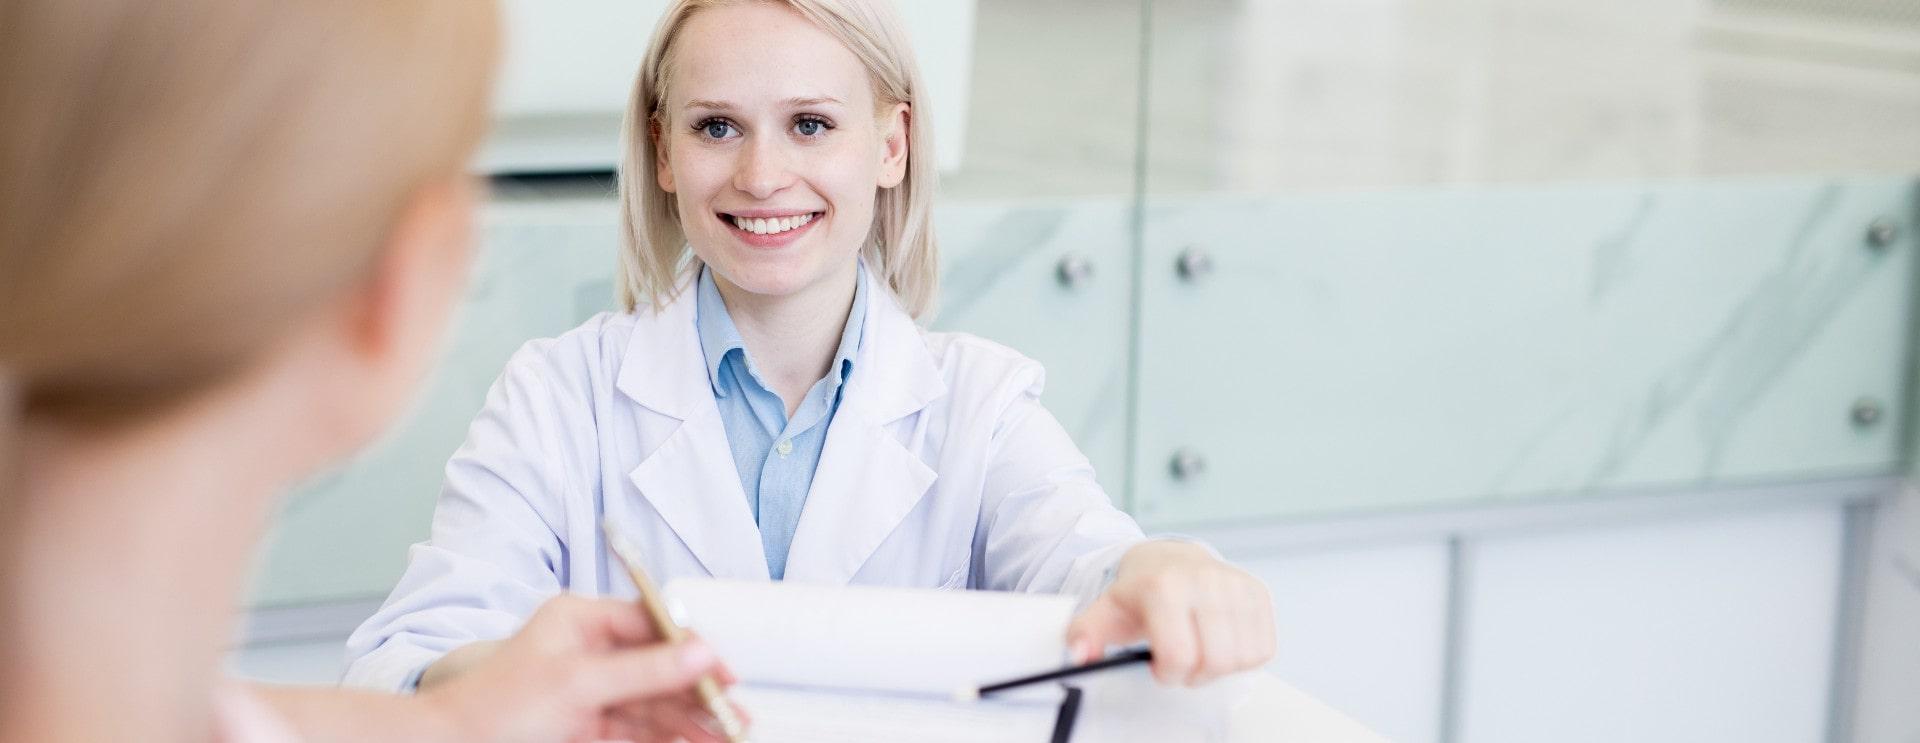 Epilazione Laser e Medicina Estetica   Milamed